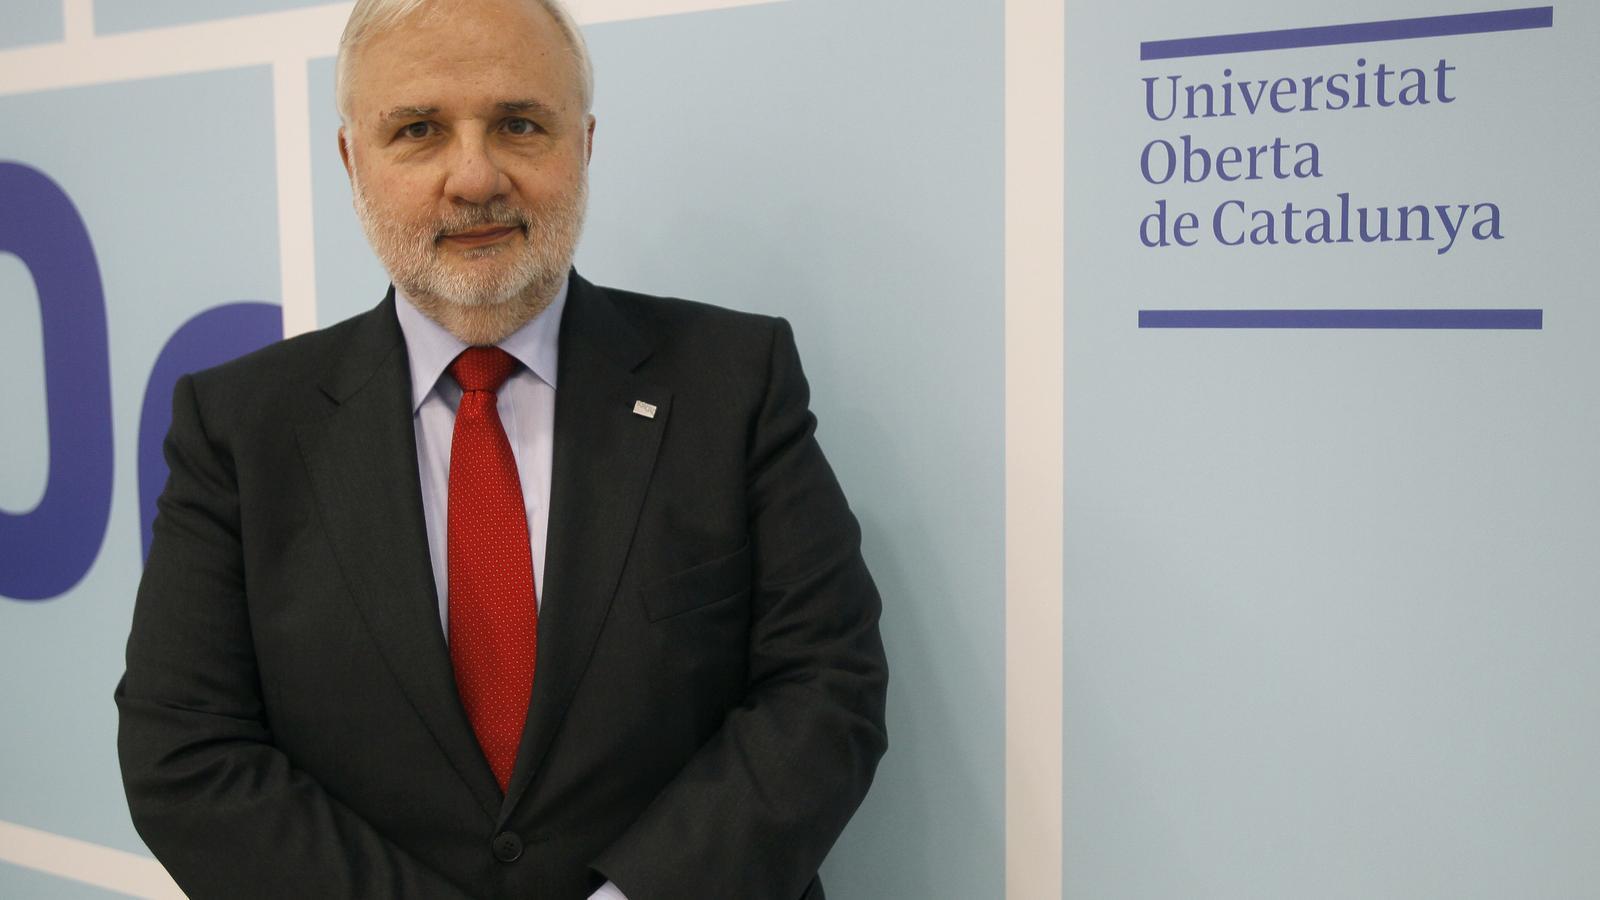 El rector de la UOC, Josep A. Planell